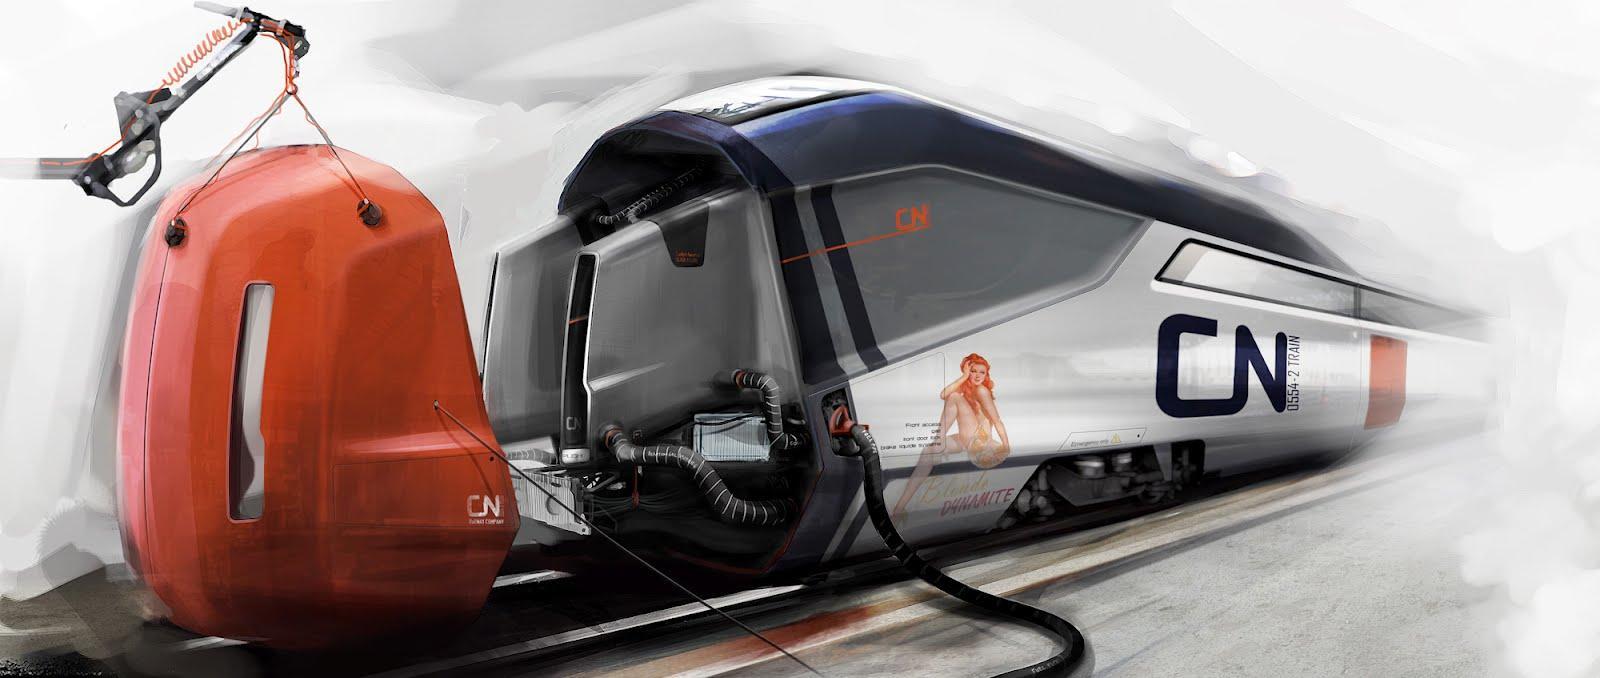 CN-train-ouvert-VG.jpg (JPEG-Grafik, 1600×678 Pixel) - Skaliert (91%)